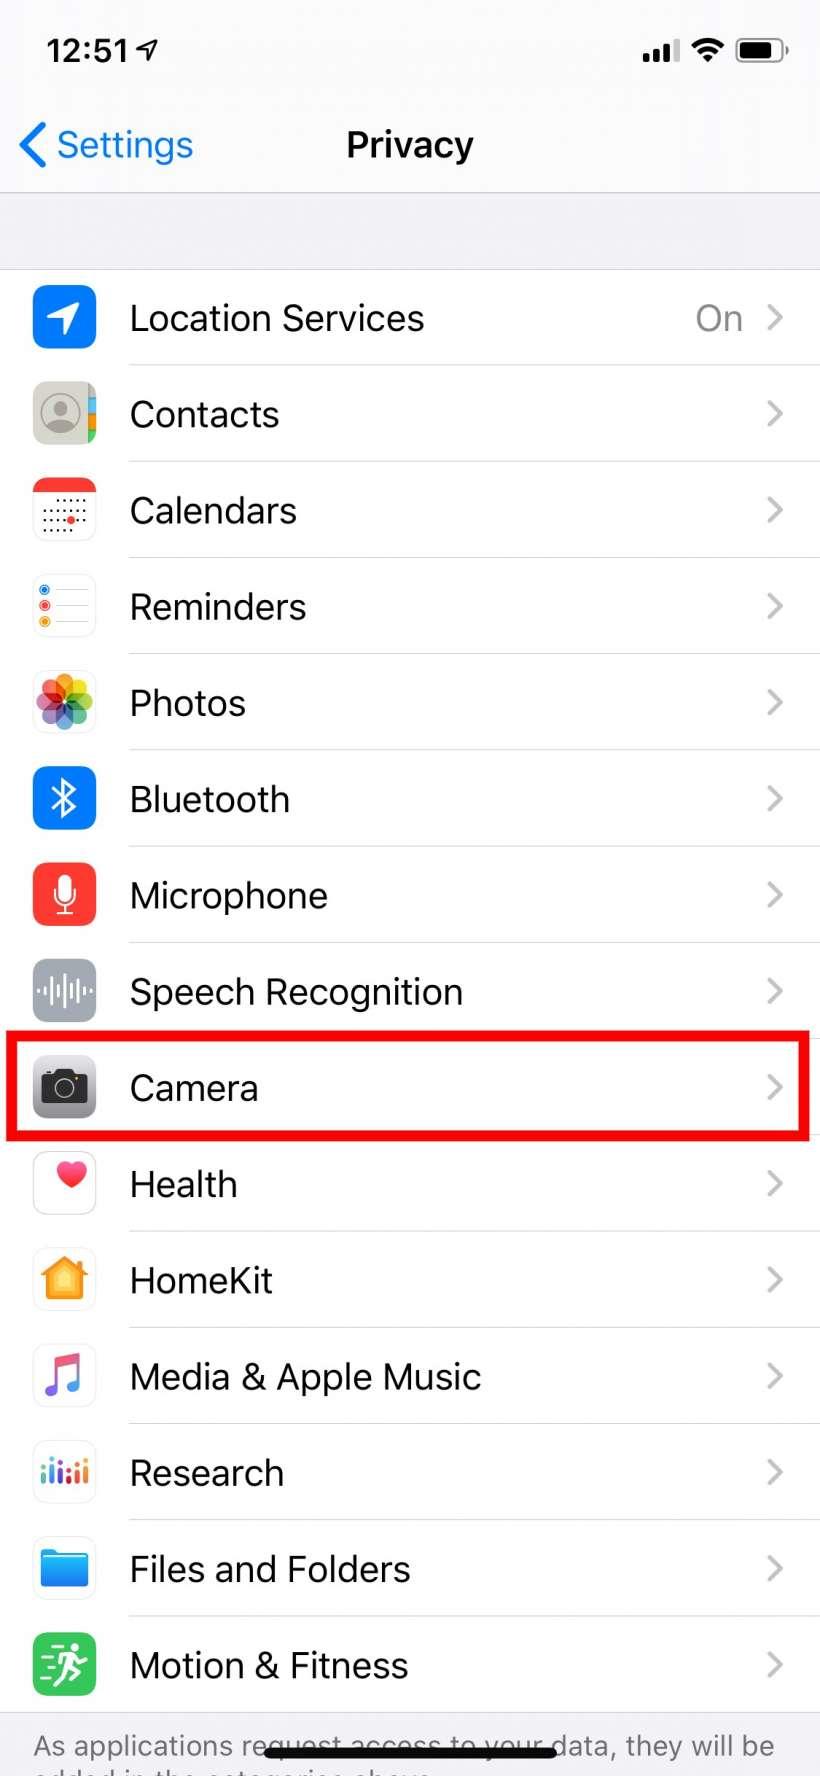 كيفية معرفة التطبيقات التي يمكنها الوصول إلى الكاميرا والميكروفون الخاصين بجهاز iPhone أو iPad.